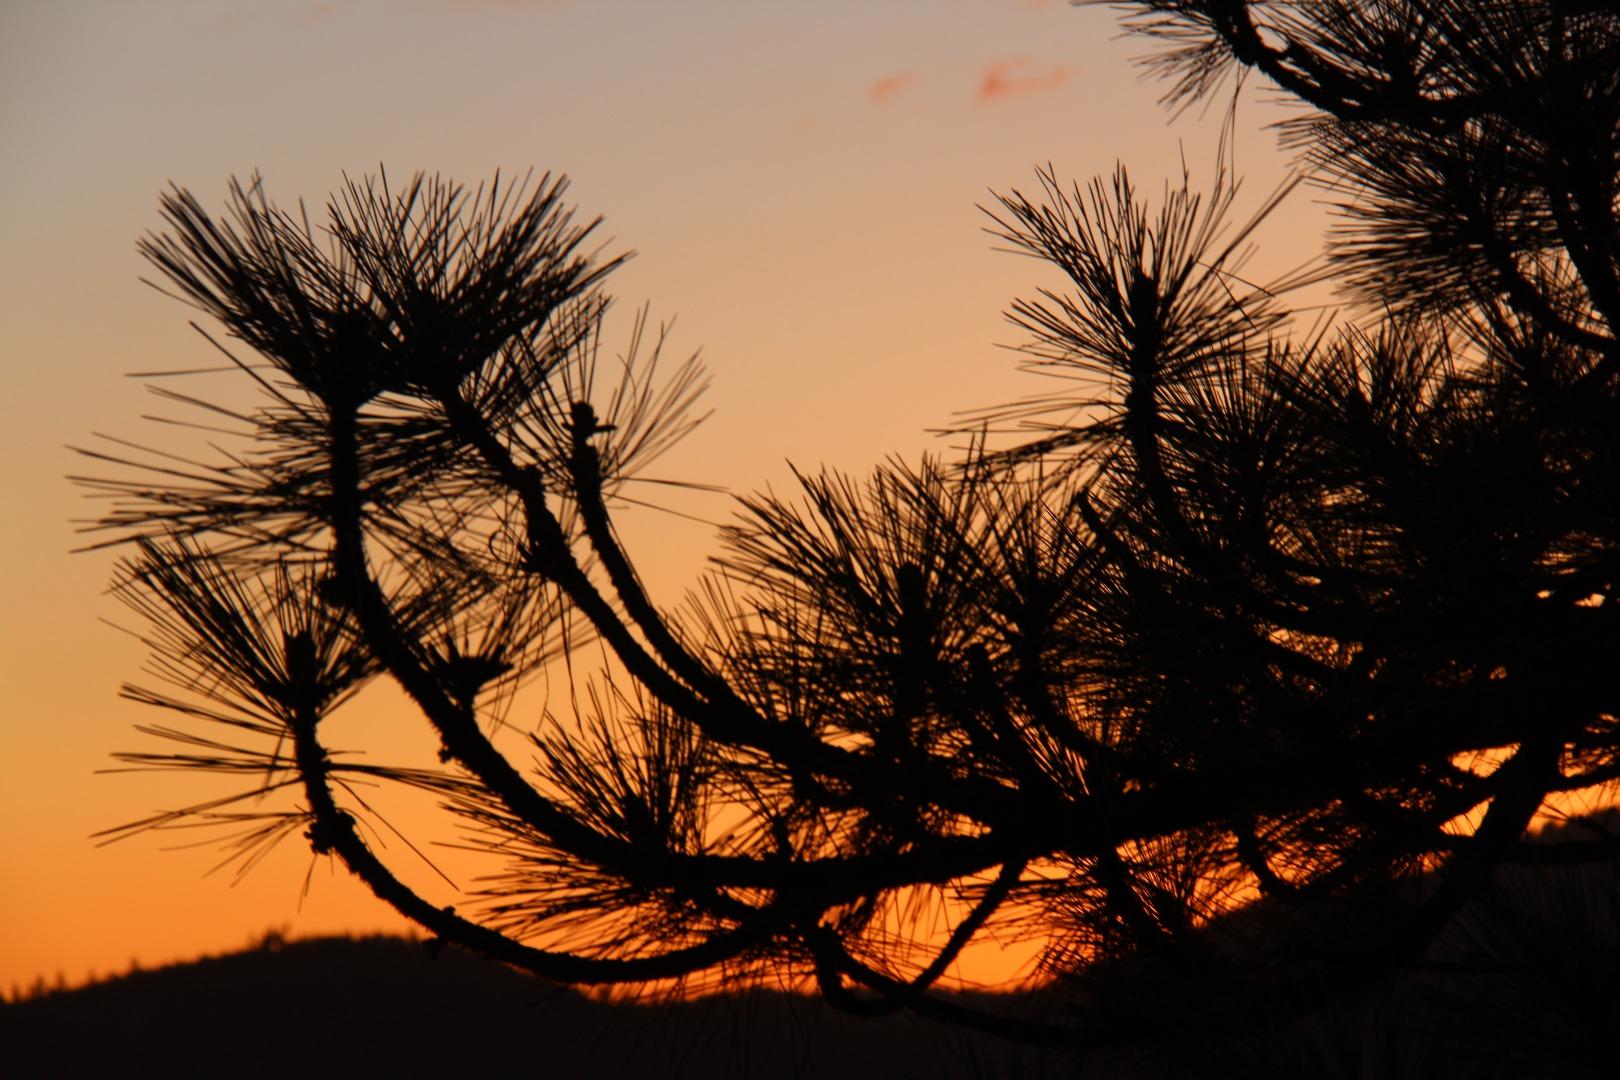 优胜美地的日落。公园占地75万英亩。是世界遗产。